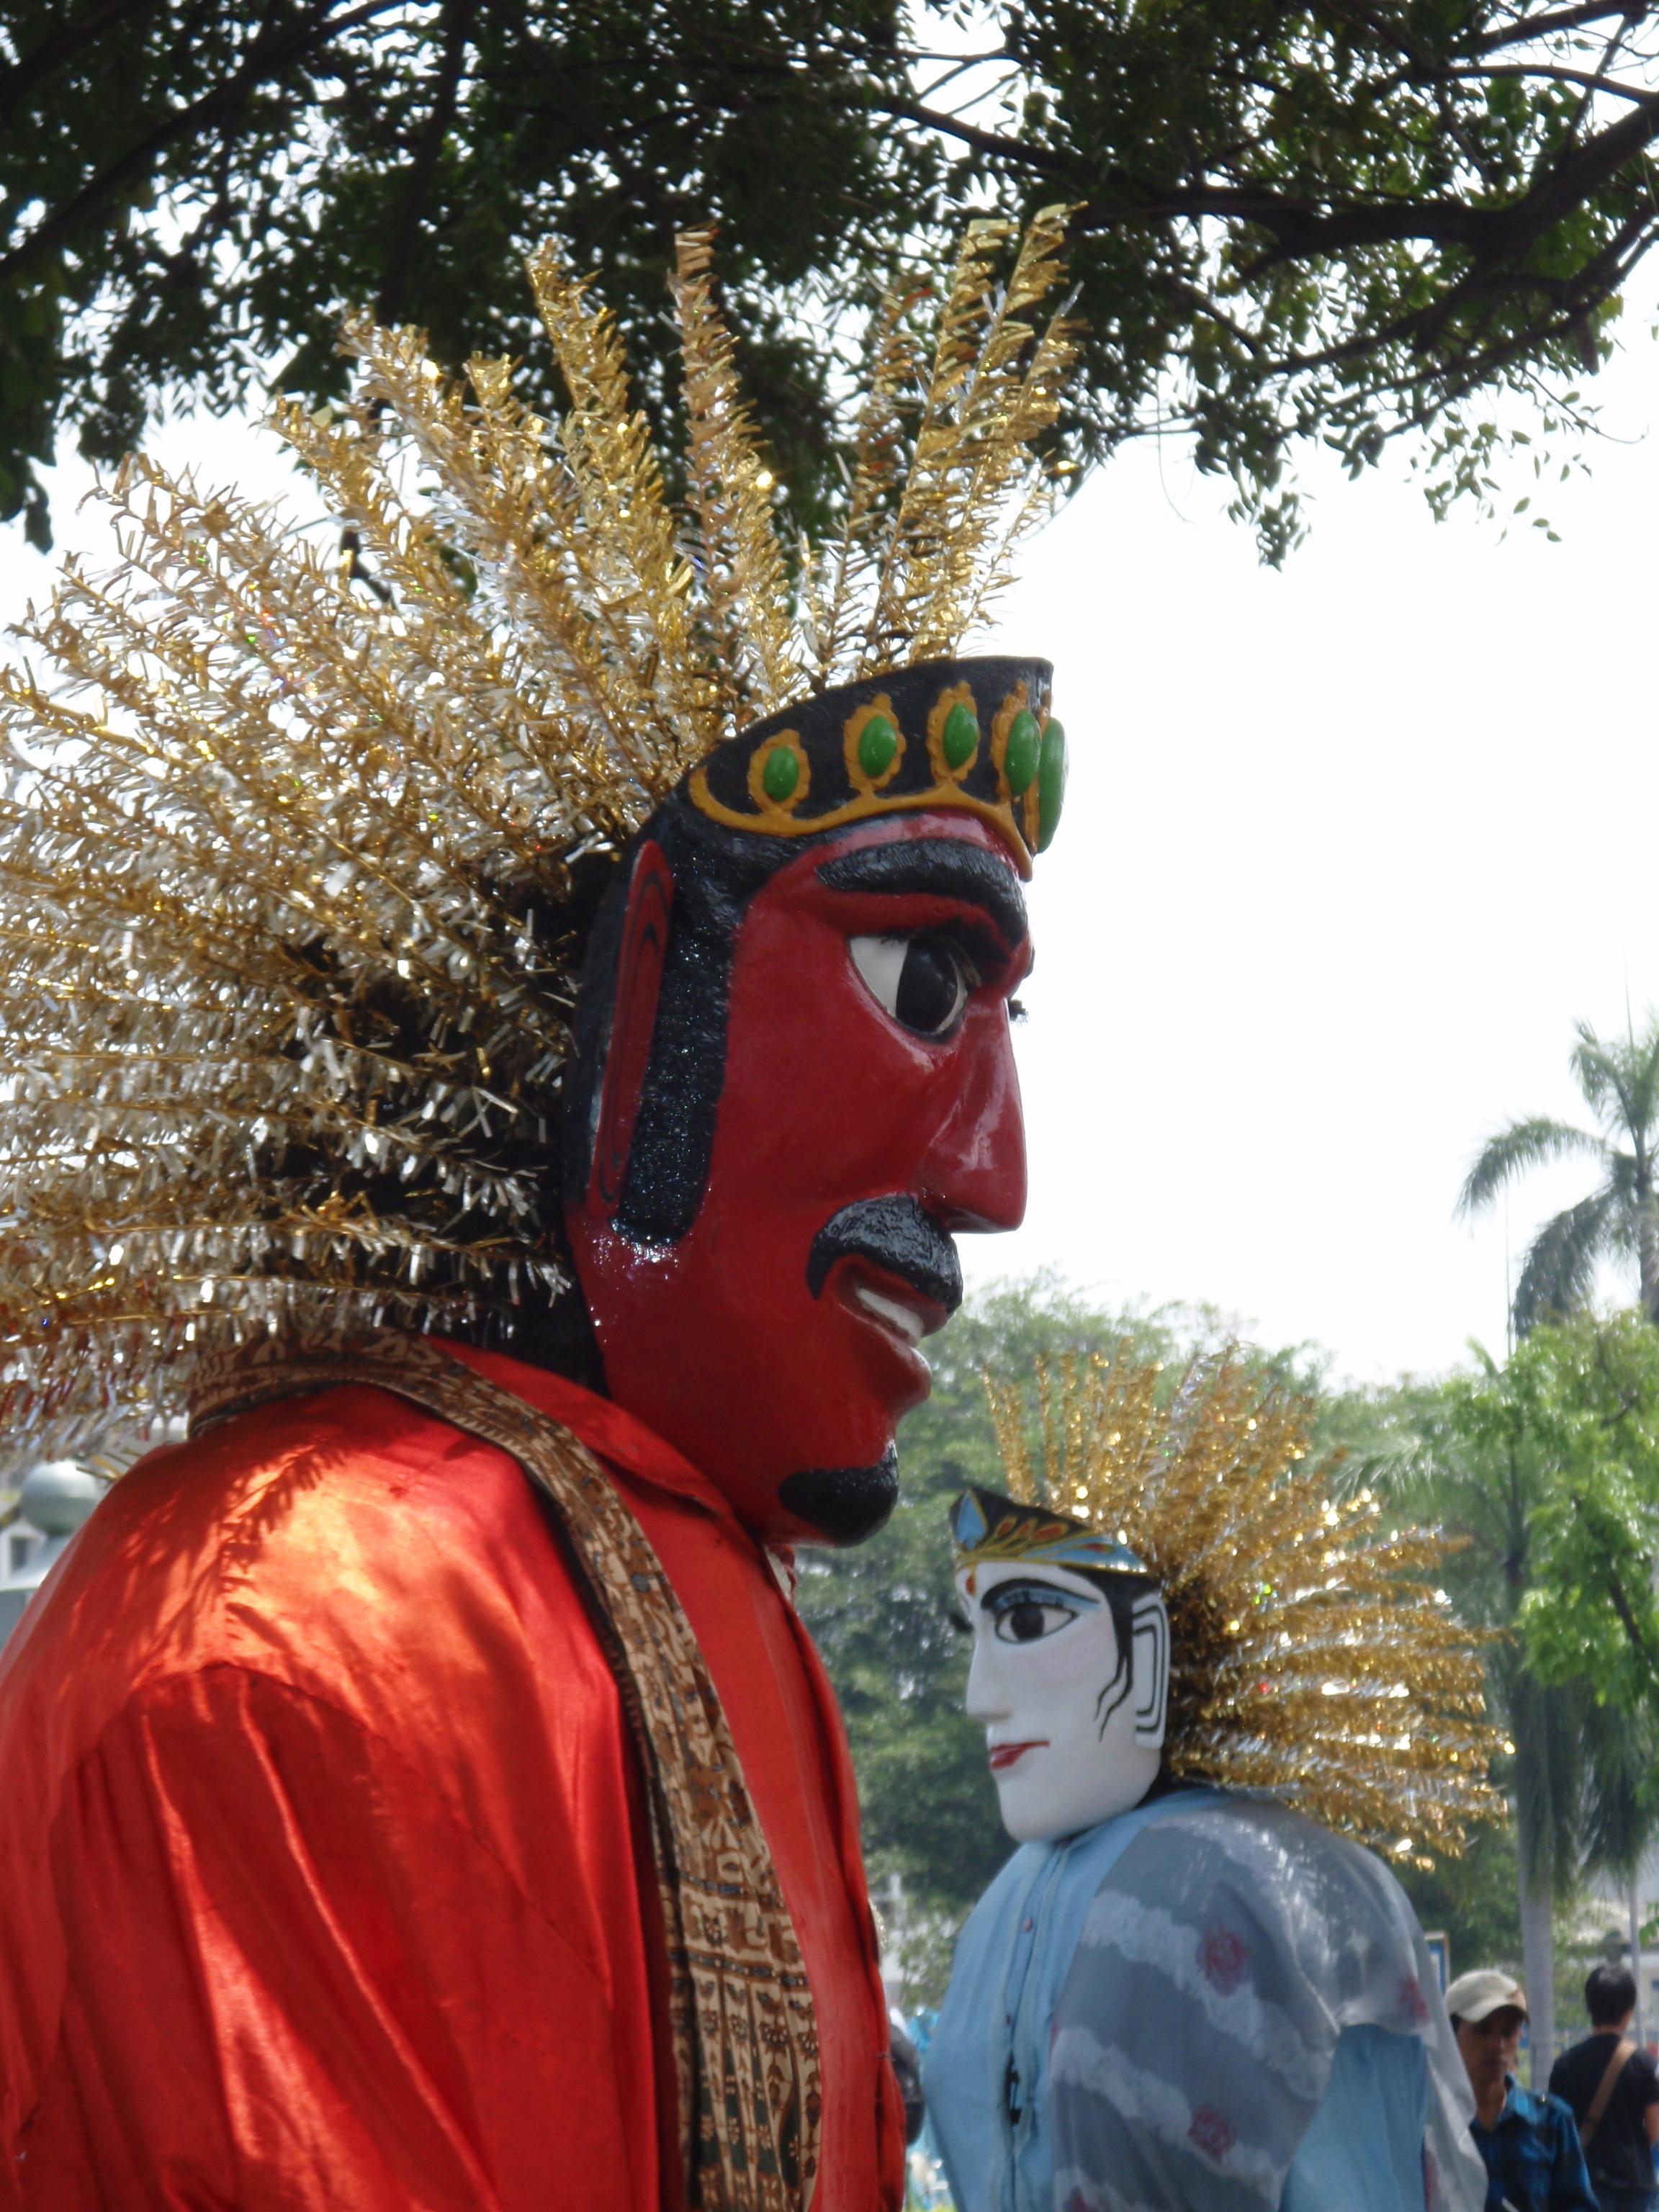 Ondel-ondel, une forme de spectacle folklorique, souvent joués dans des festivals, originaire de Betawi (Jakarta) utilisant de grandes marionnettes, traditionnellement pour protéger contre les calamités ou pour empêcher les esprits malveillants errants. Les variations de ces marionnettes géantes : à Pasundan, les marionnettes sont connues sous le nom de <em>Badawang</em> ; dans le Java central comme Barongan Buncis ; à Bali, <em>Barong Landung</em>. Marionnettes habitables betawi (un mâle, avec le visage peint en rouge, et une femme, avec le visage peint en blanc) en bambou tissé et en tissu, le visage de masque généralement en bois, les cheveux de feuilles de palmier séchées, et portés par une personne, hauteur : environ. 2,50 m, diamètre: env . 80 cm.